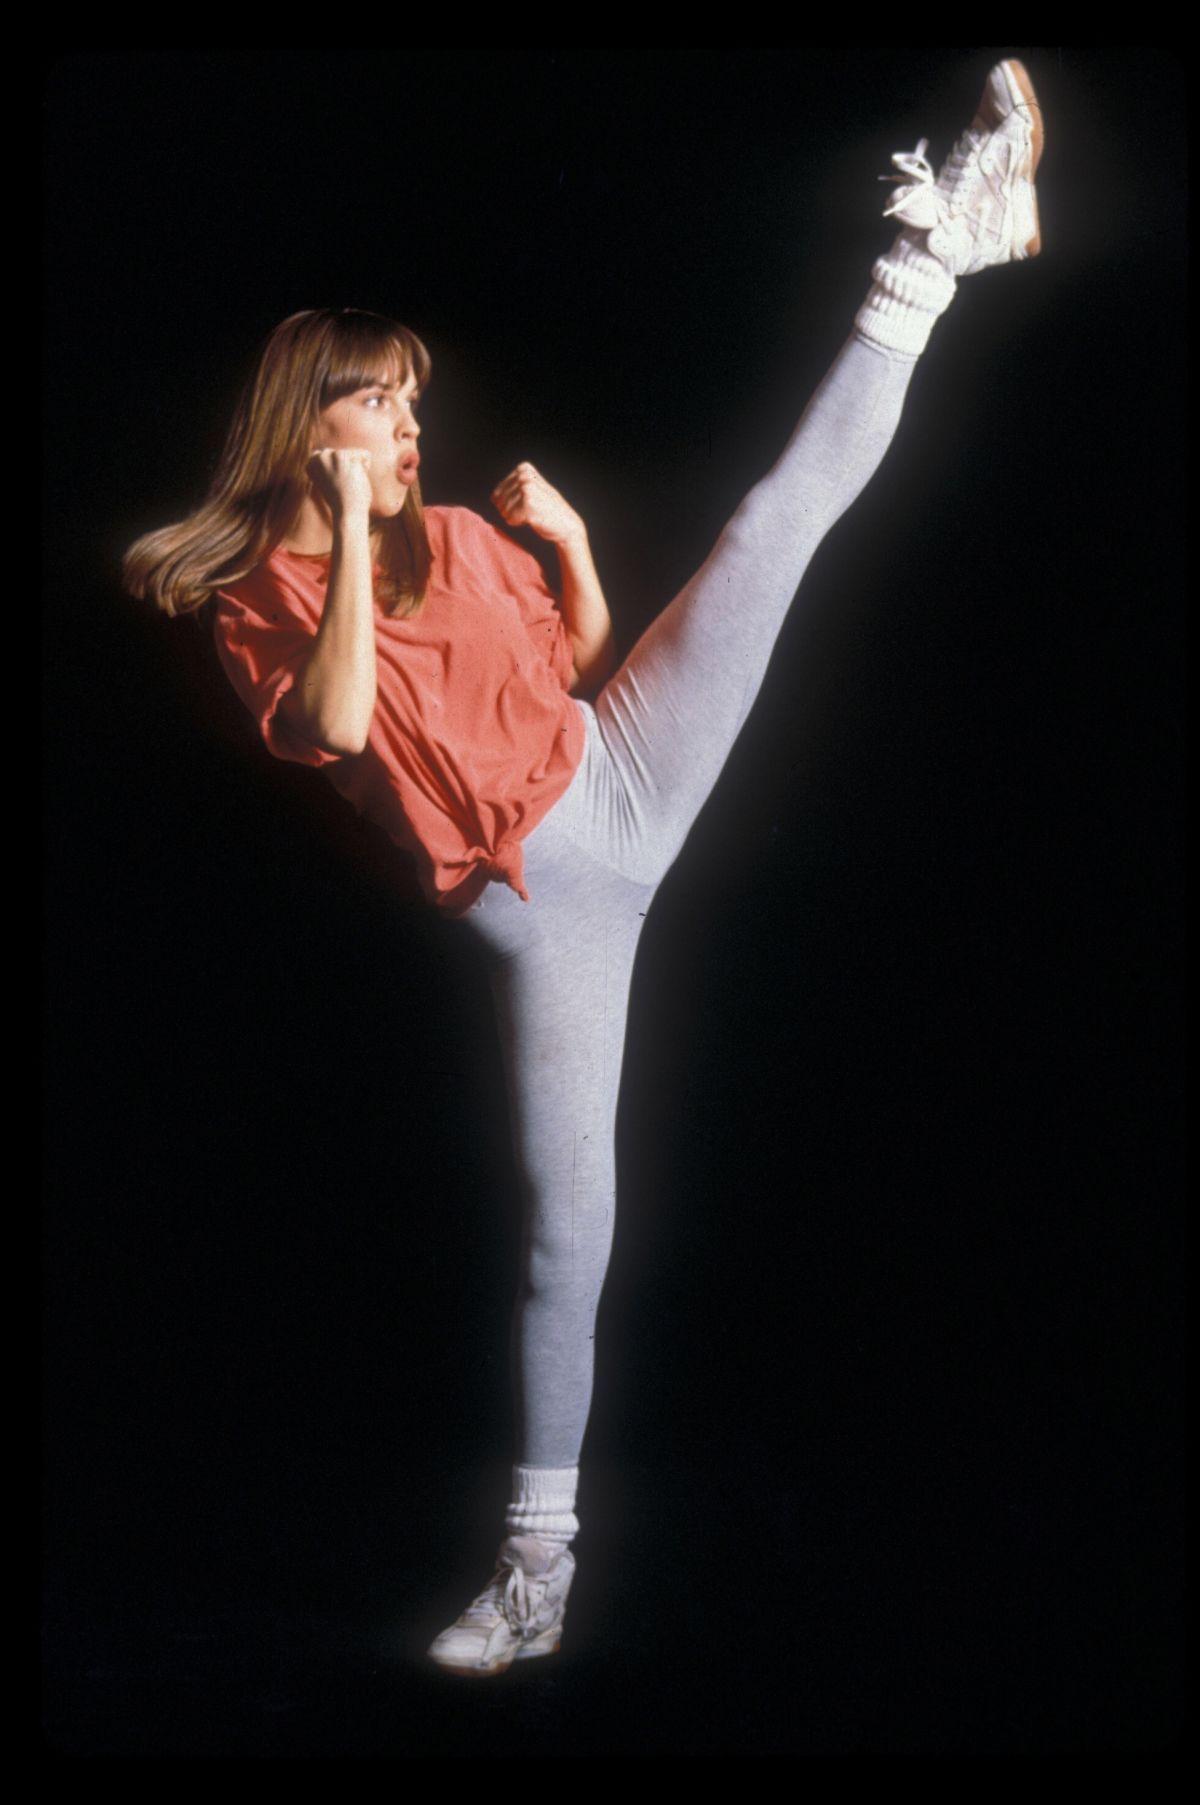 Imagini The Next Karate Kid 1994 Imagini Un Alt Karate